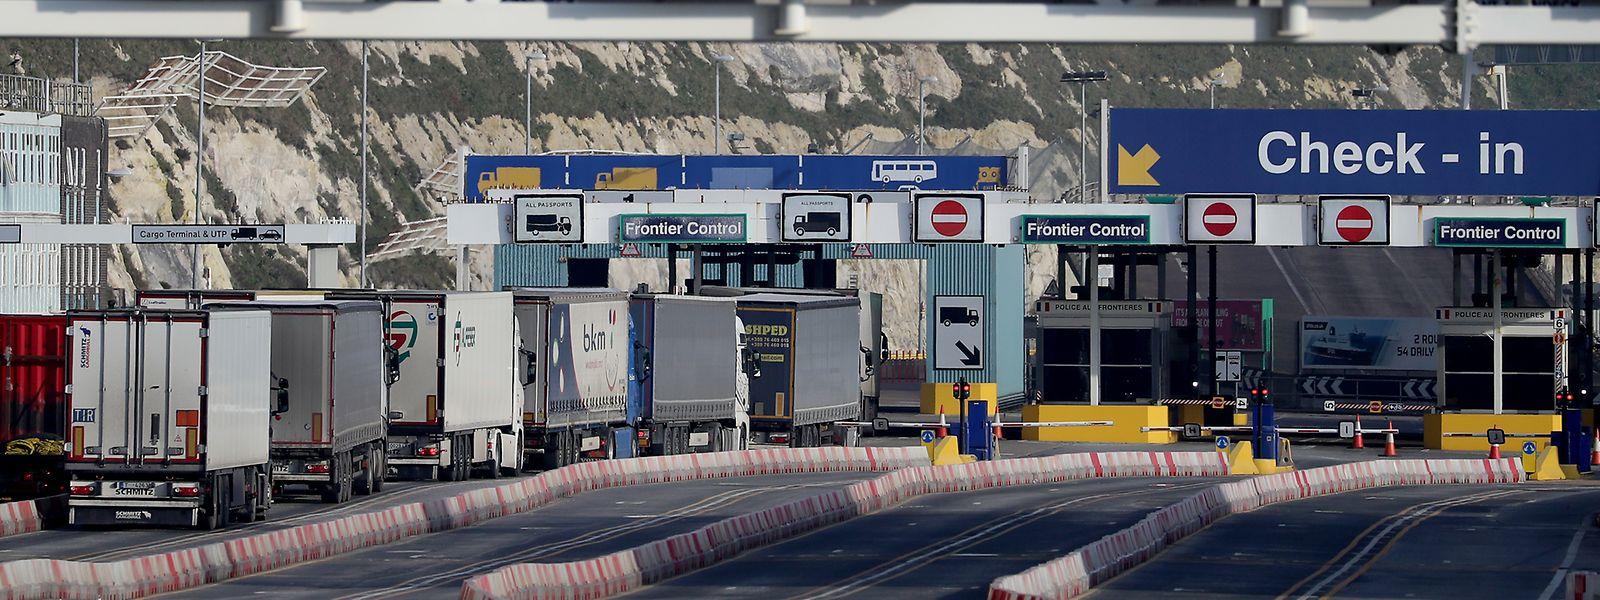 Experten rechnen nach dem Brexit mittelfristig mit deutlich weniger Exporten aus Großbritannien in die EU.